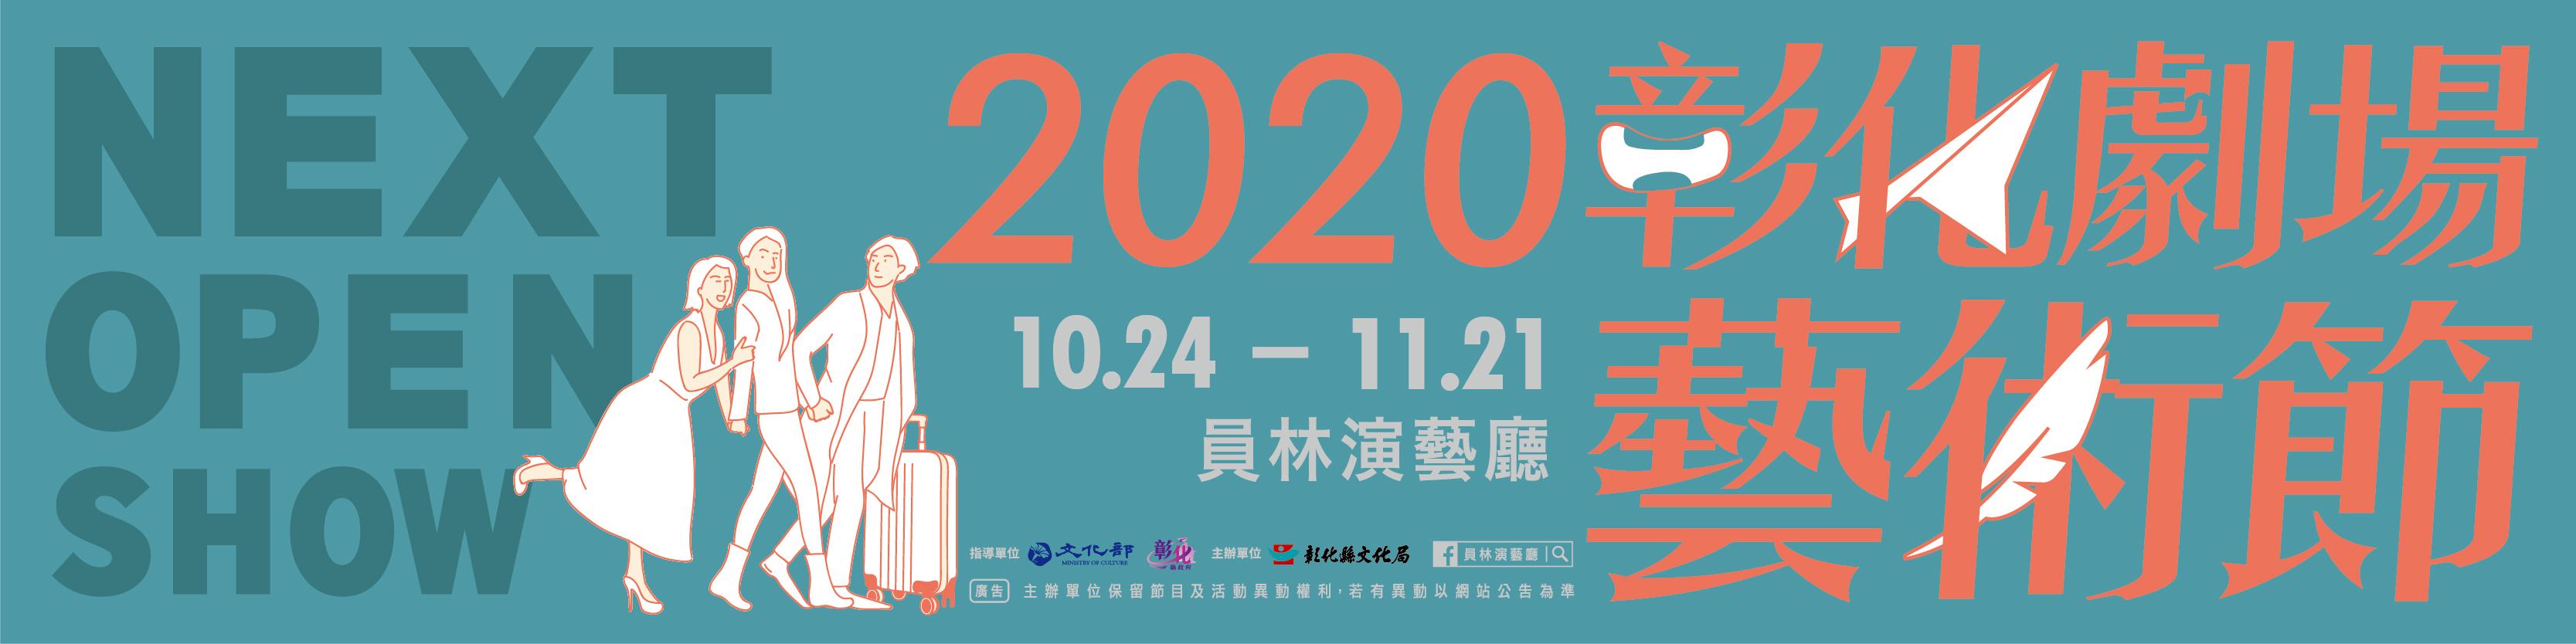 2020彰化劇場藝術節NEXT OPEN SHOW圖